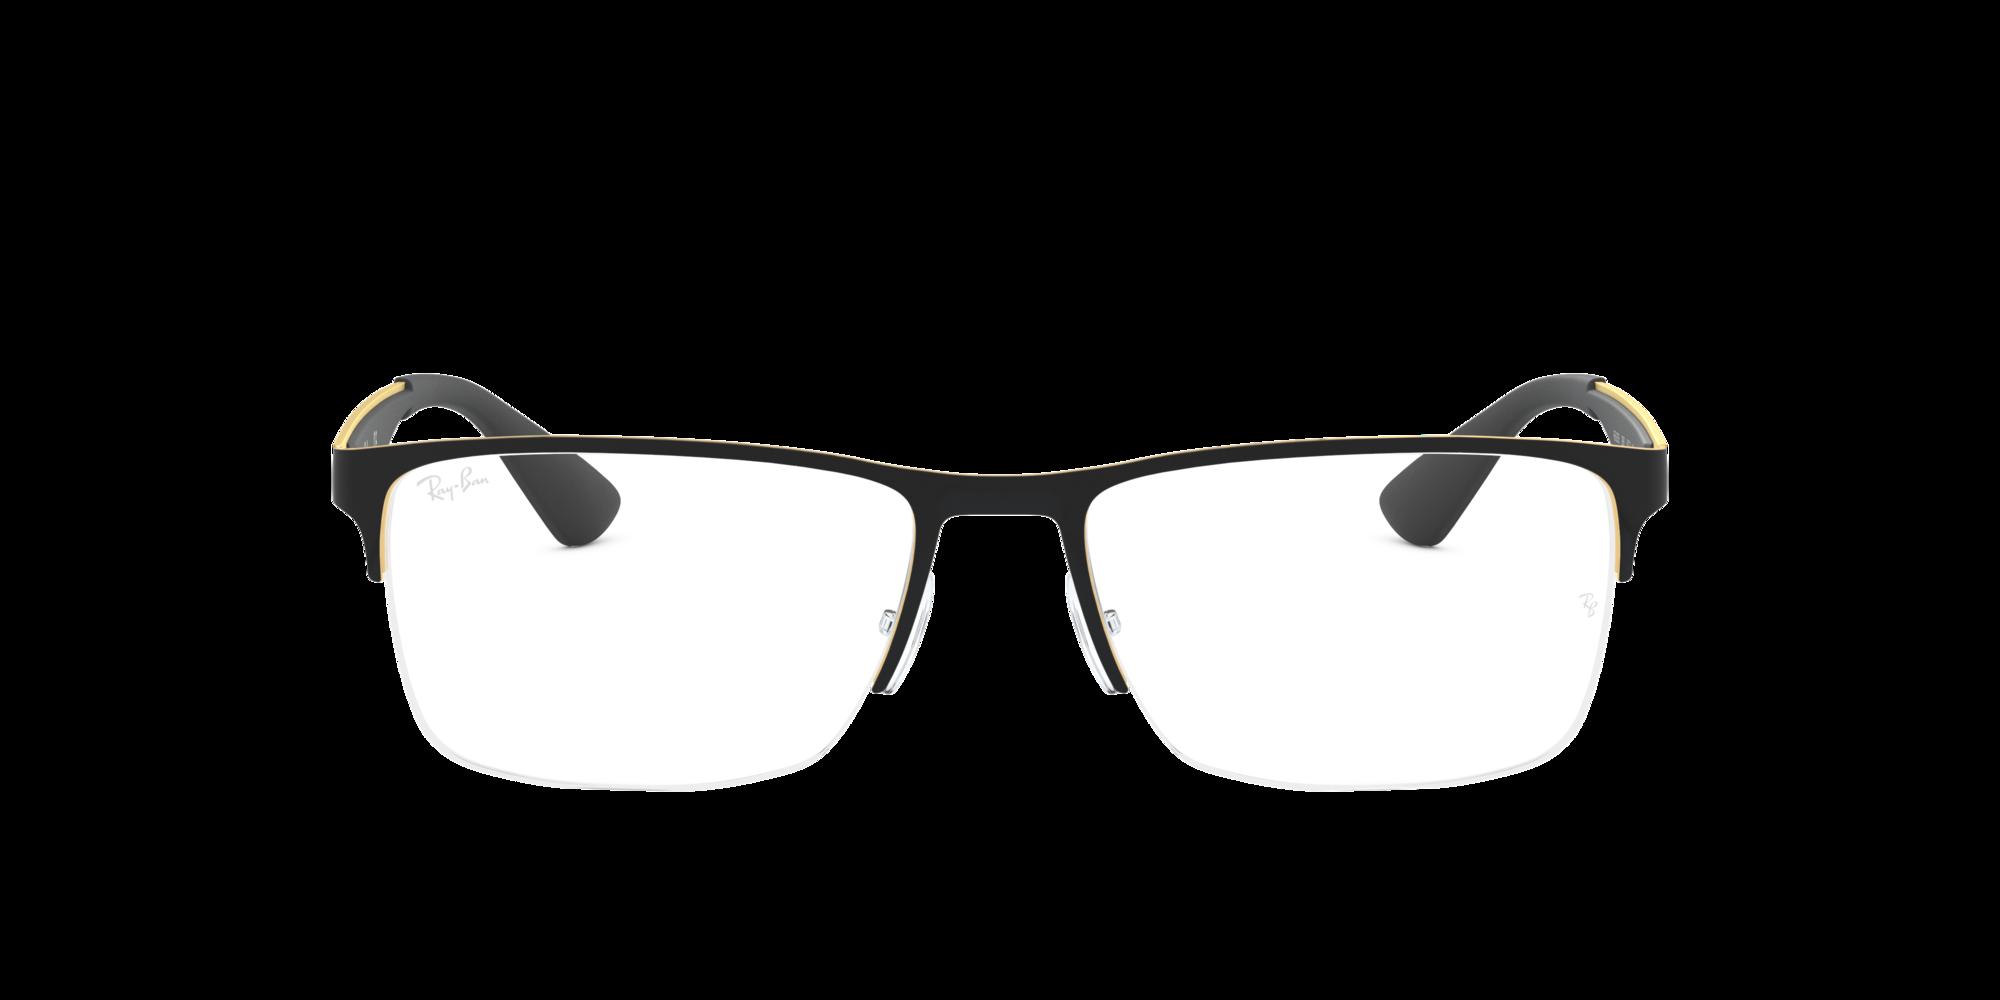 Imagen para RX6335 de LensCrafters |  Espejuelos, espejuelos graduados en línea, gafas